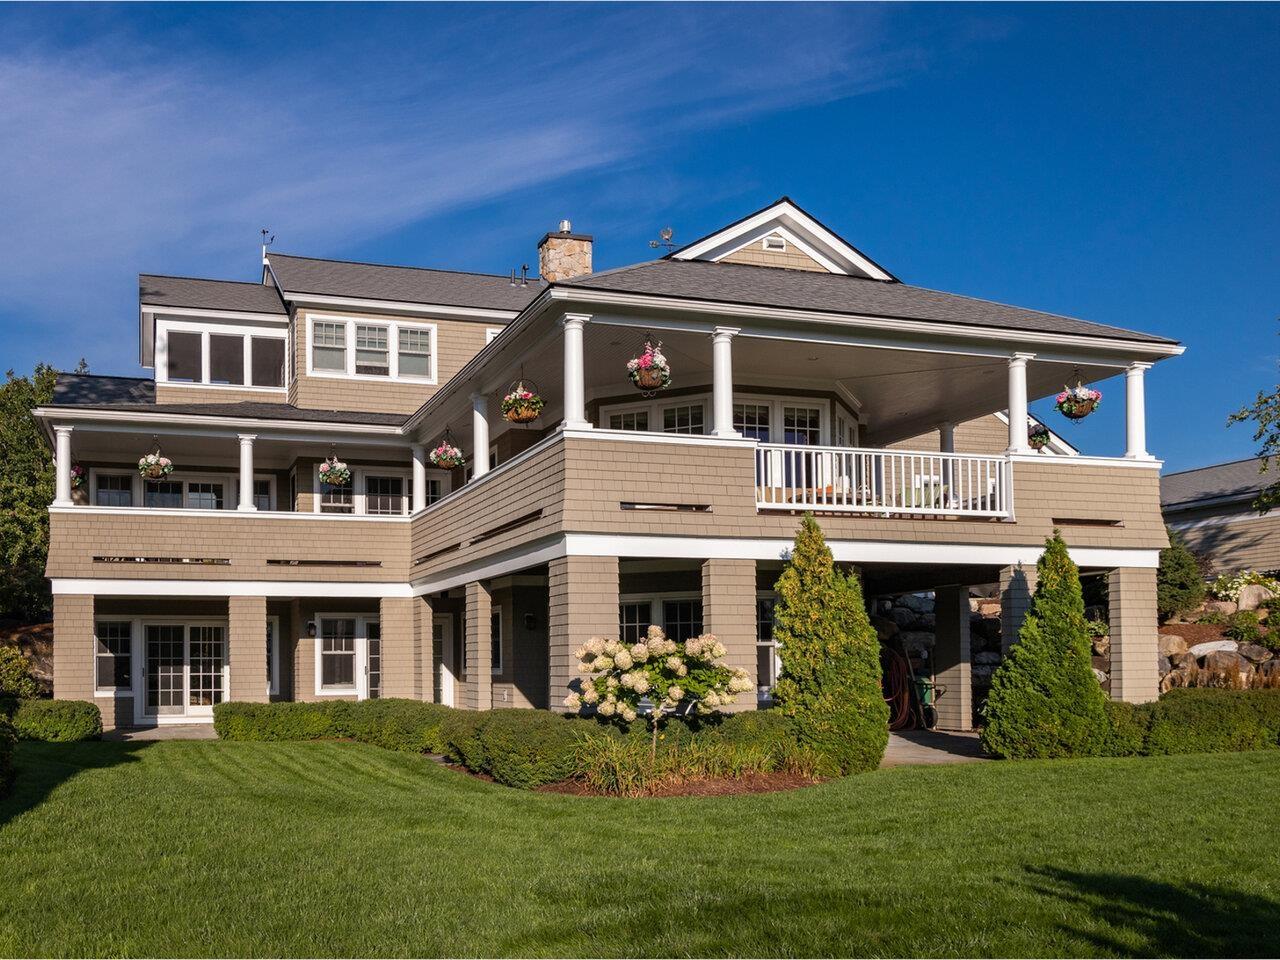 Photo of 376 Golf Course Road South Burlington VT 05403